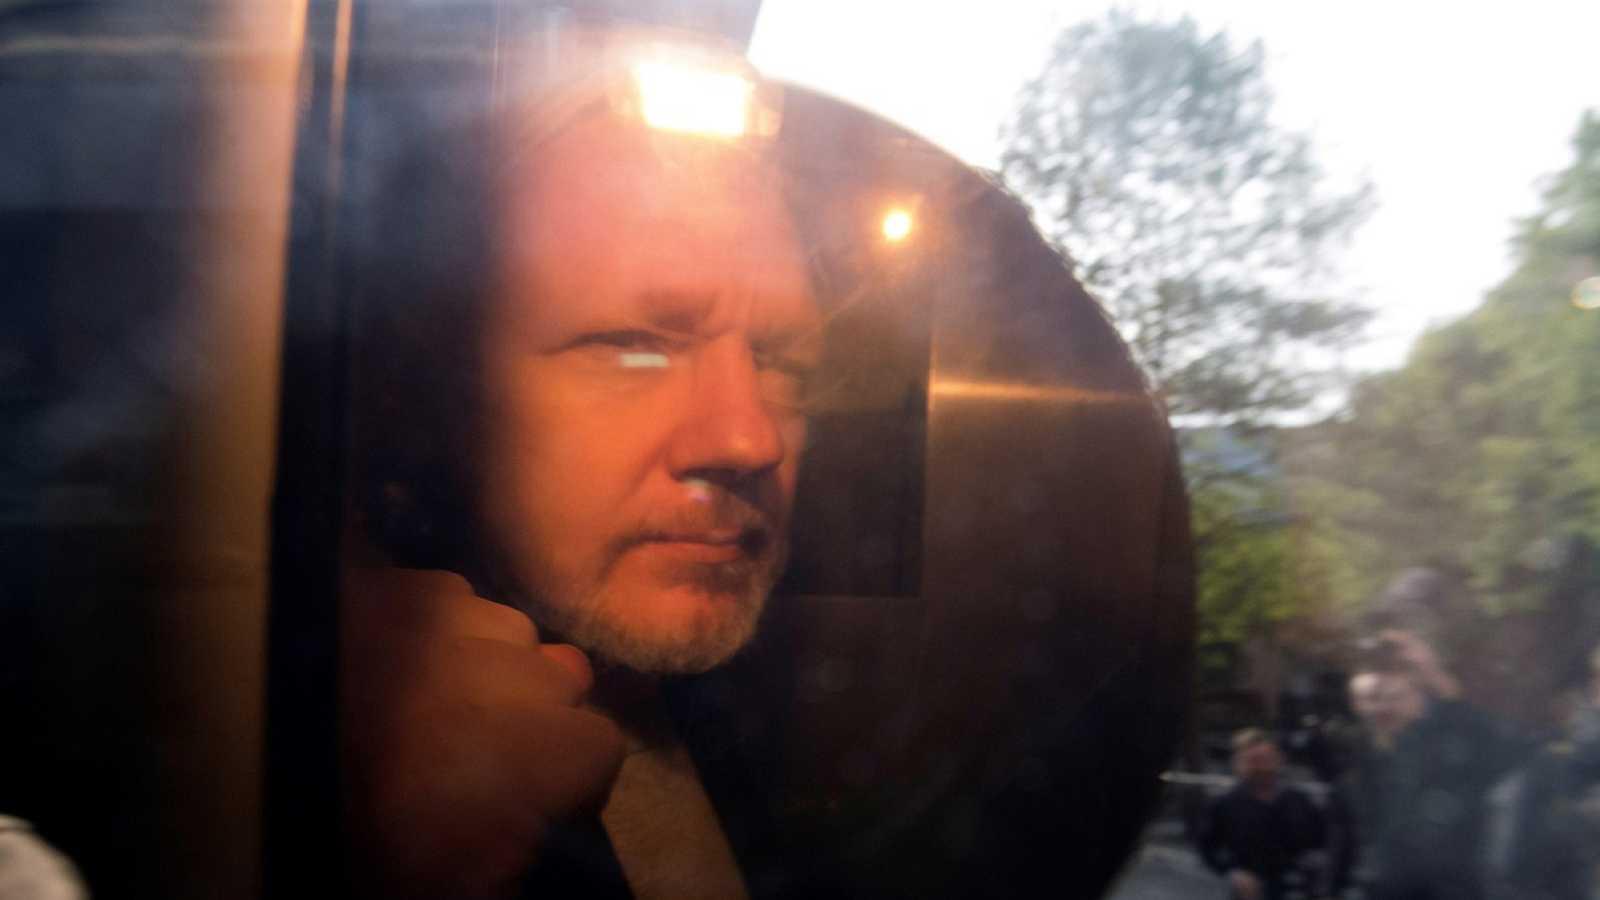 Assange, condenado en Reino Unido a 50 semanas en la cárcel por violar la libertad condicional